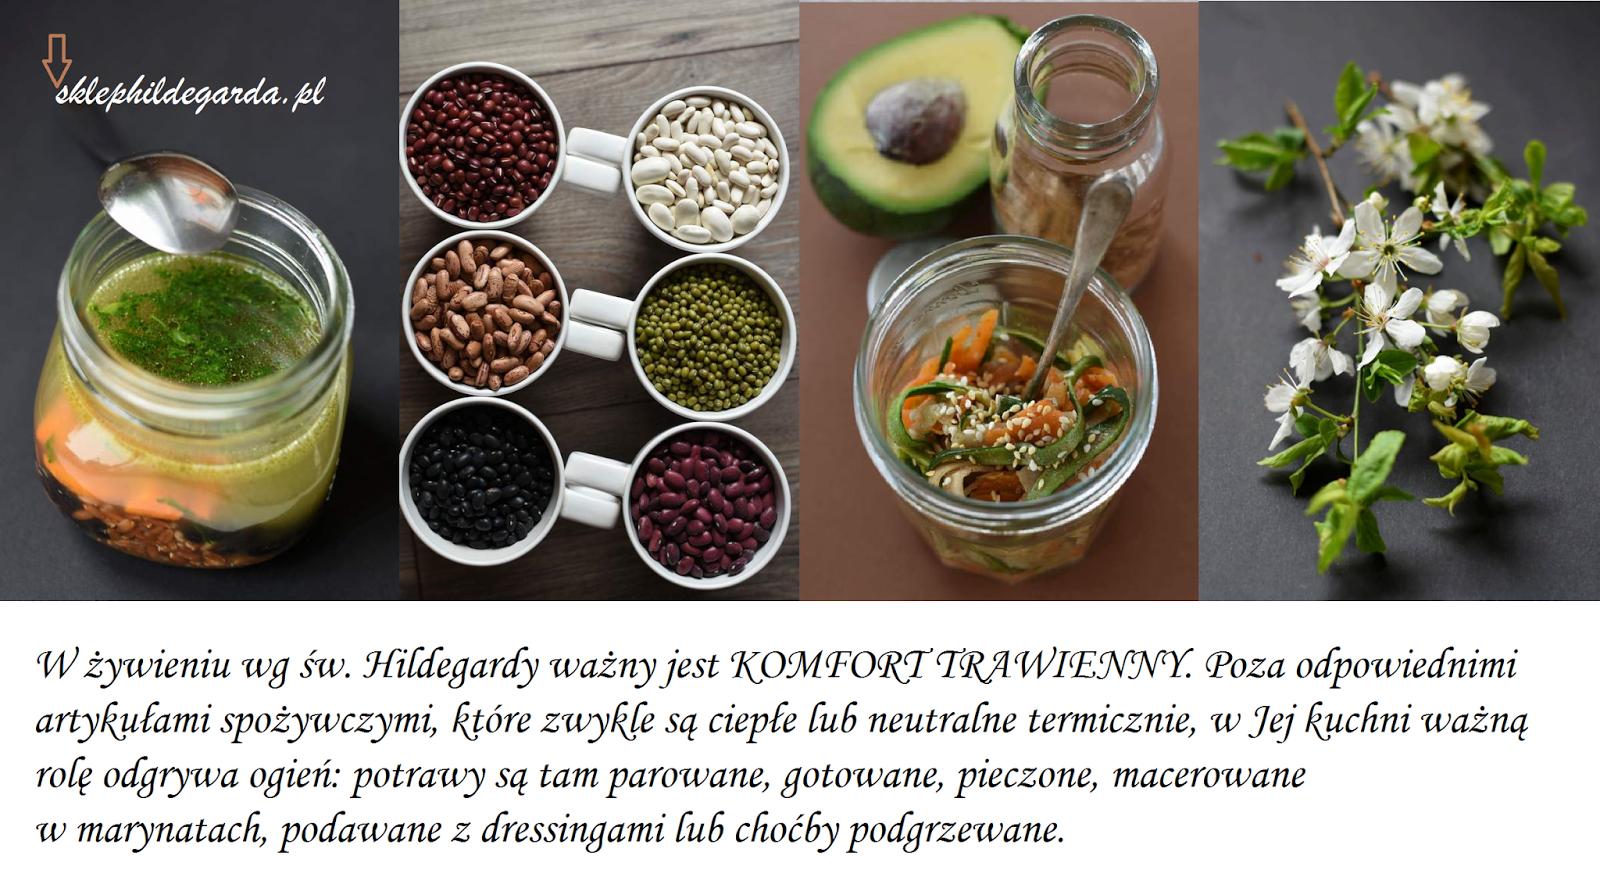 Mimo Za Inspirująca Kuchnia św Hildegardy